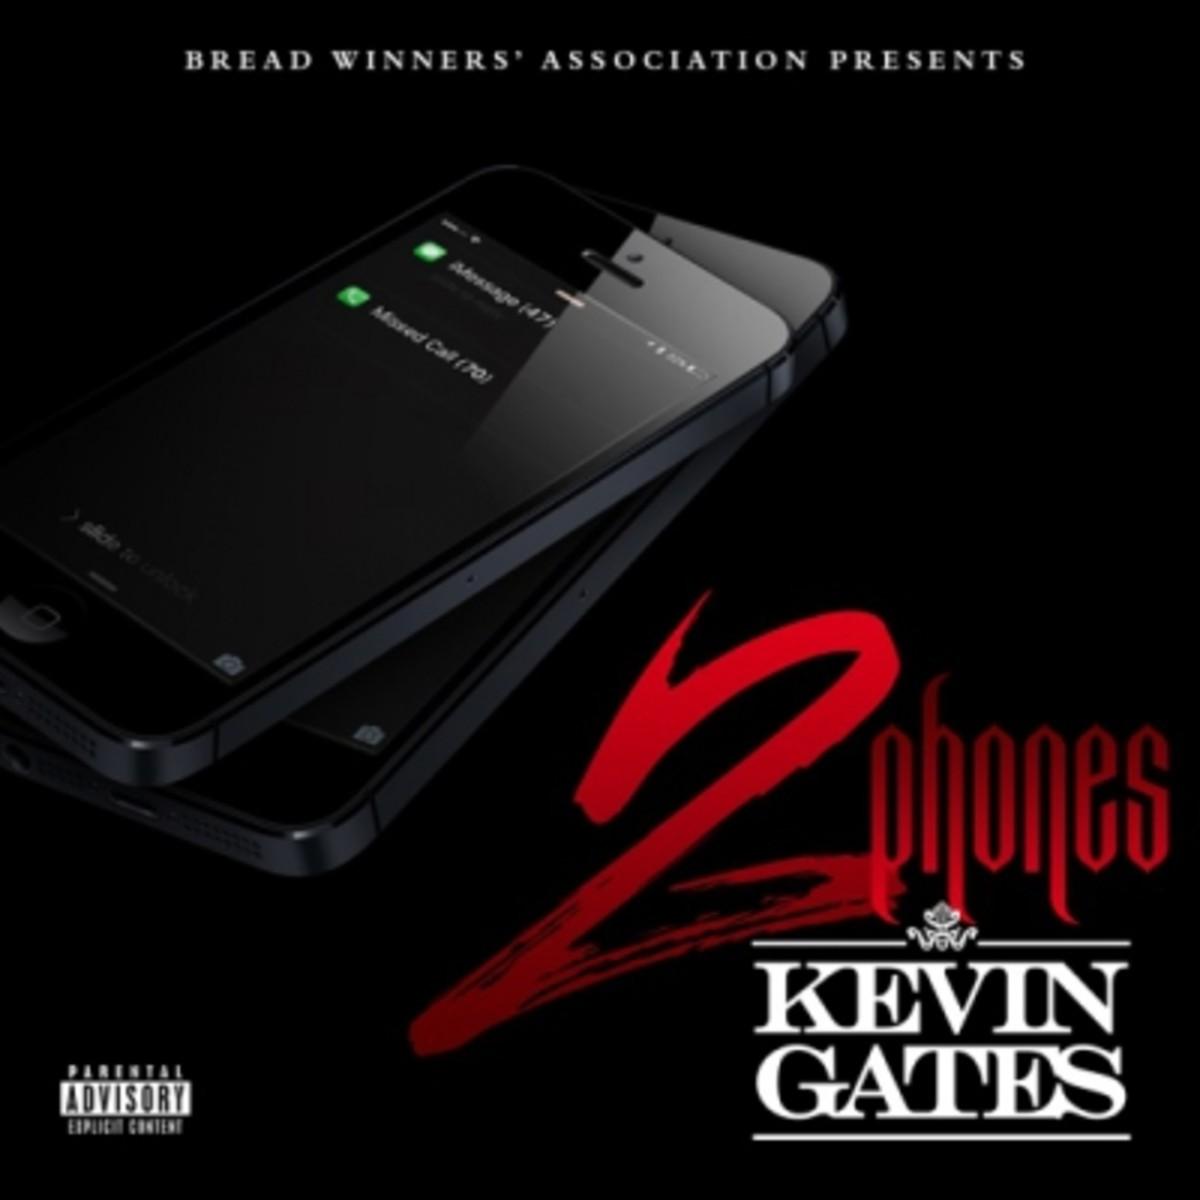 kevin-gates-2-phones.jpg